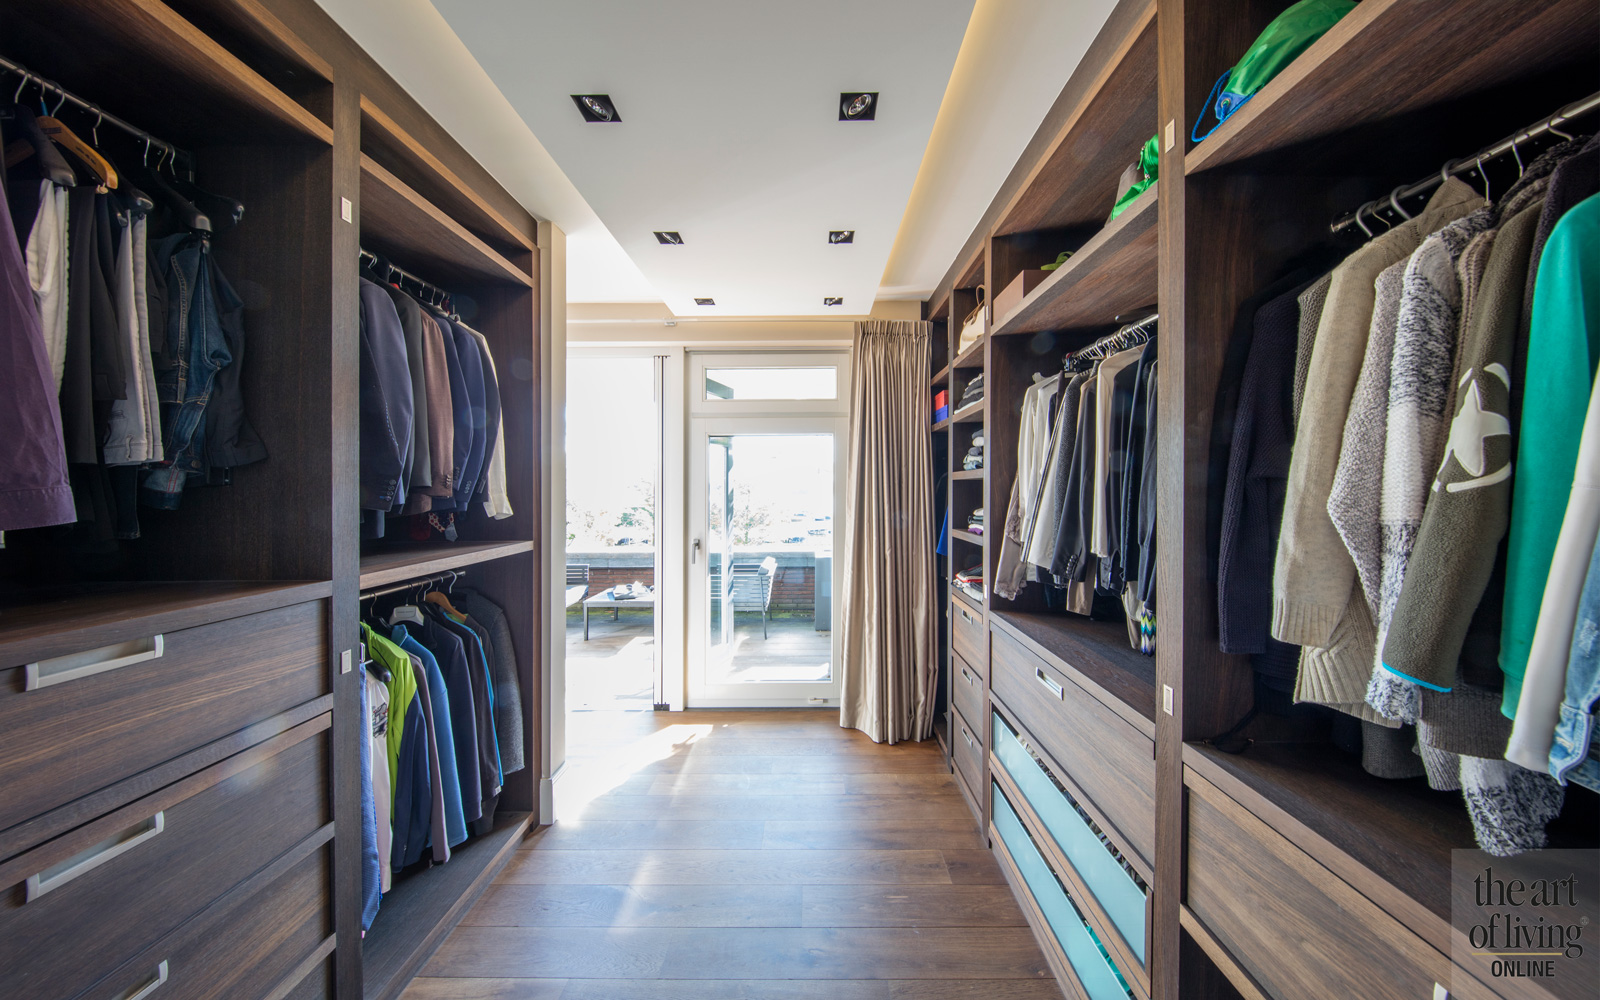 Inloop kast, dressing room